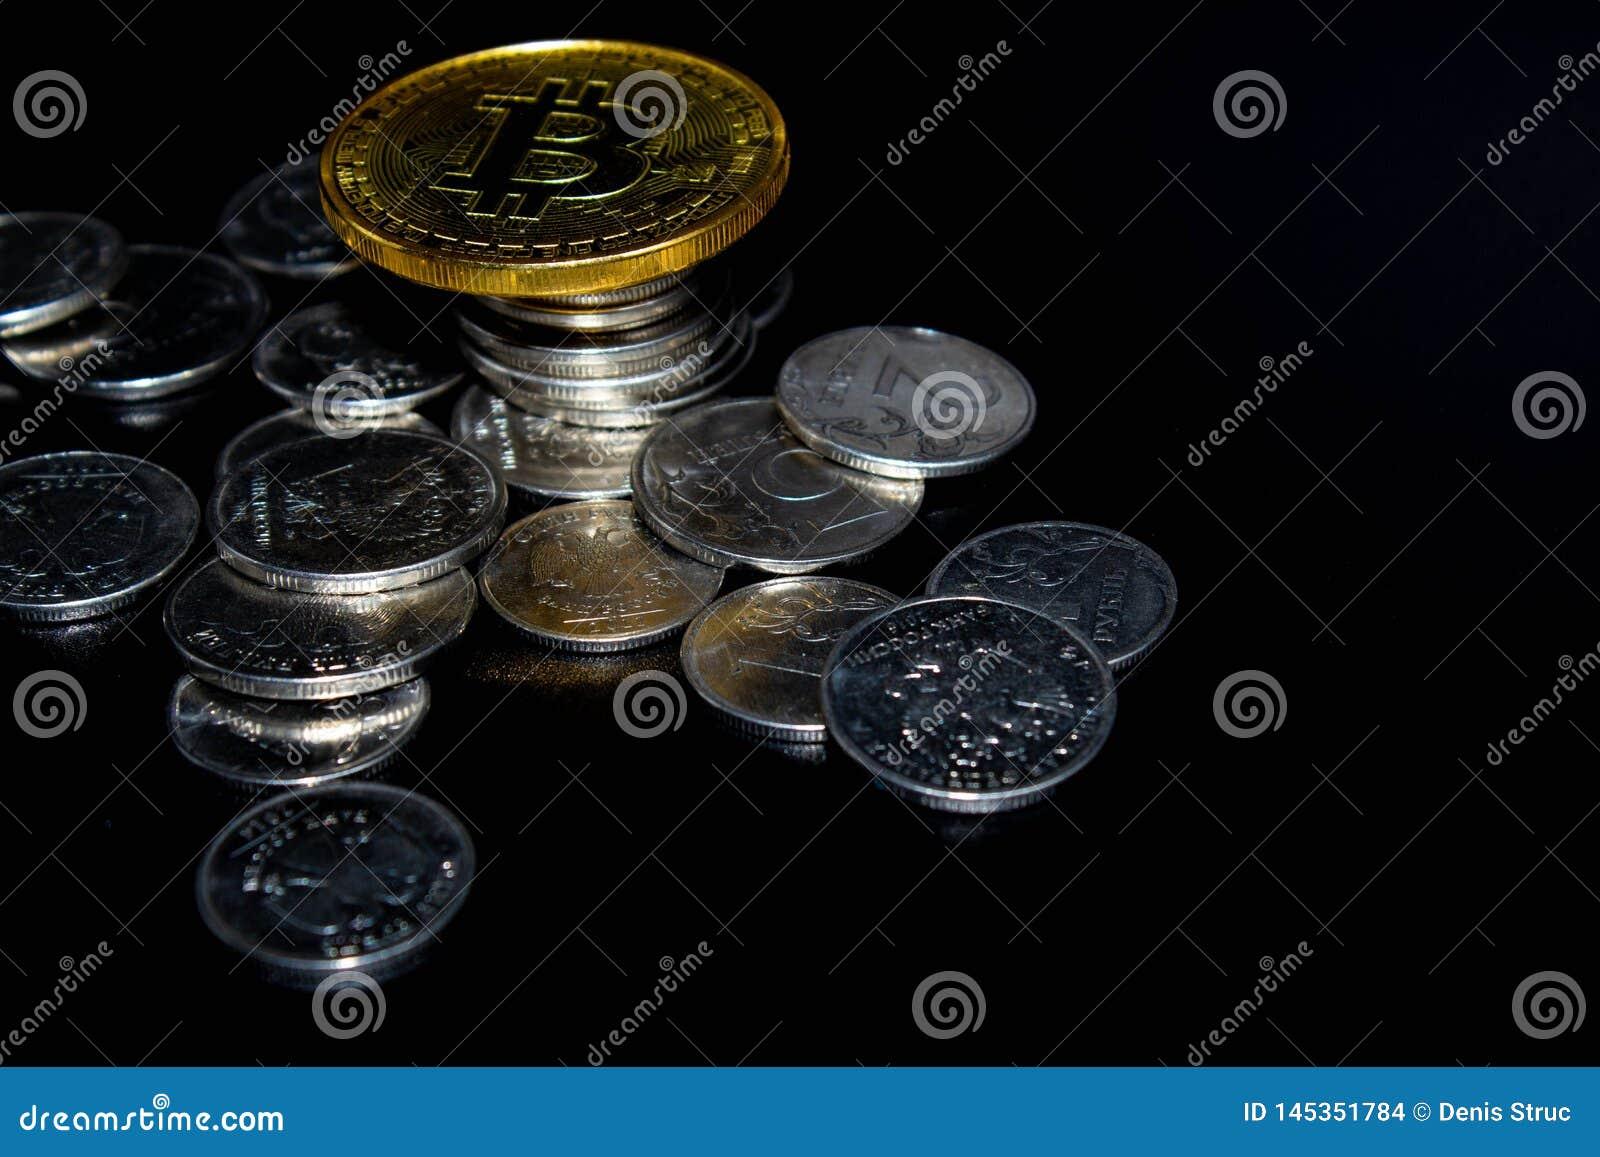 Χρυσό Bitcoin σε ένα μαύρο υπόβαθρο, χρήματα